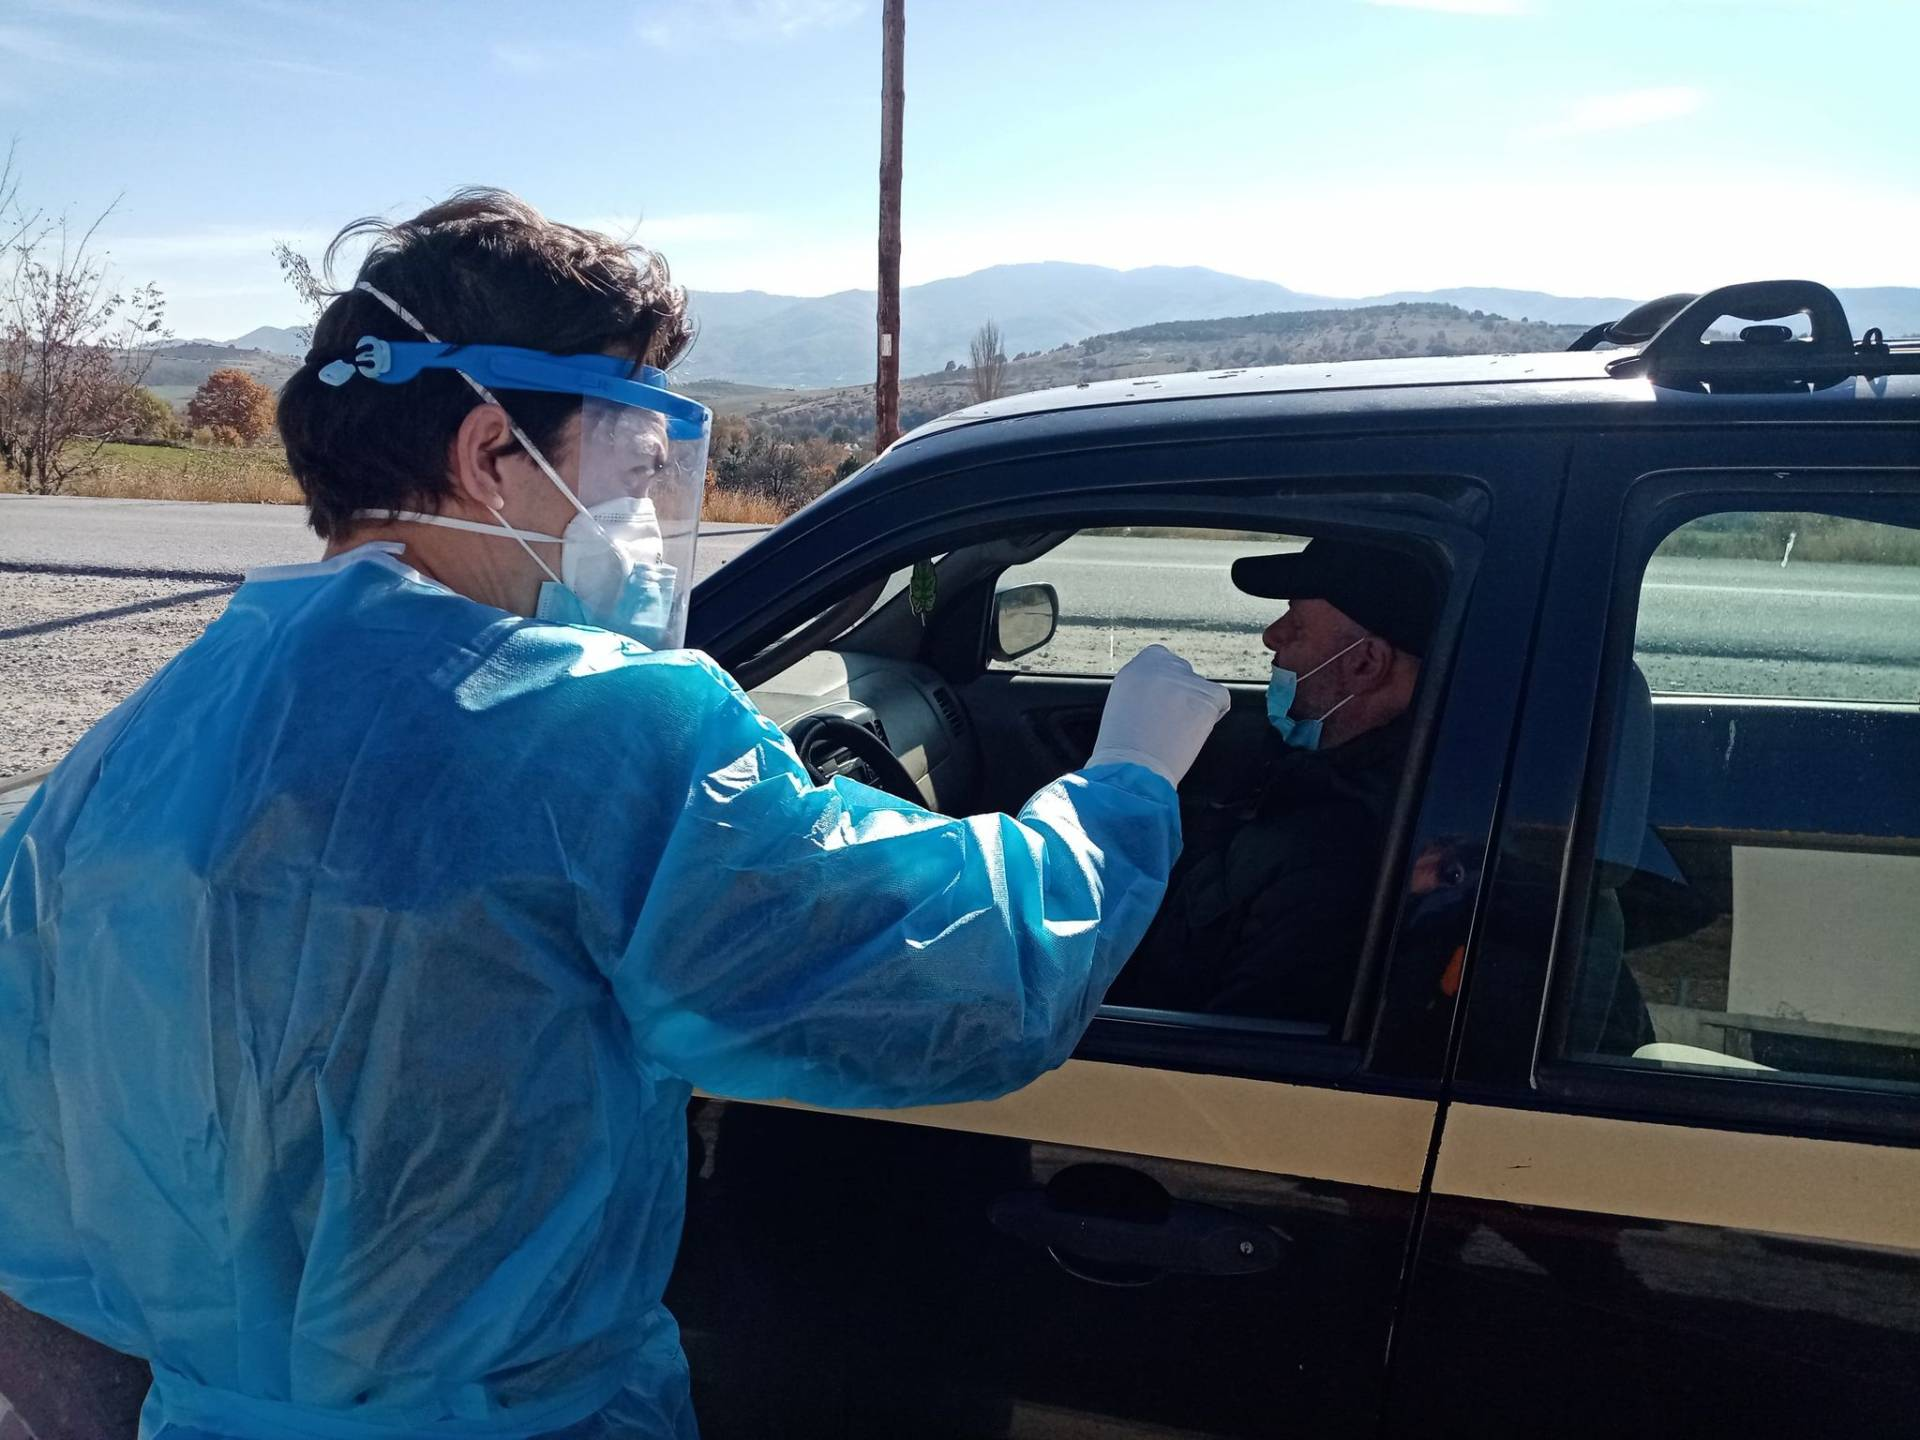 Την Δευτέρα 23 Νοεμβρίου πραγματοποιήθηκαν drive rapid test στο Δήμο Δεσκάτης